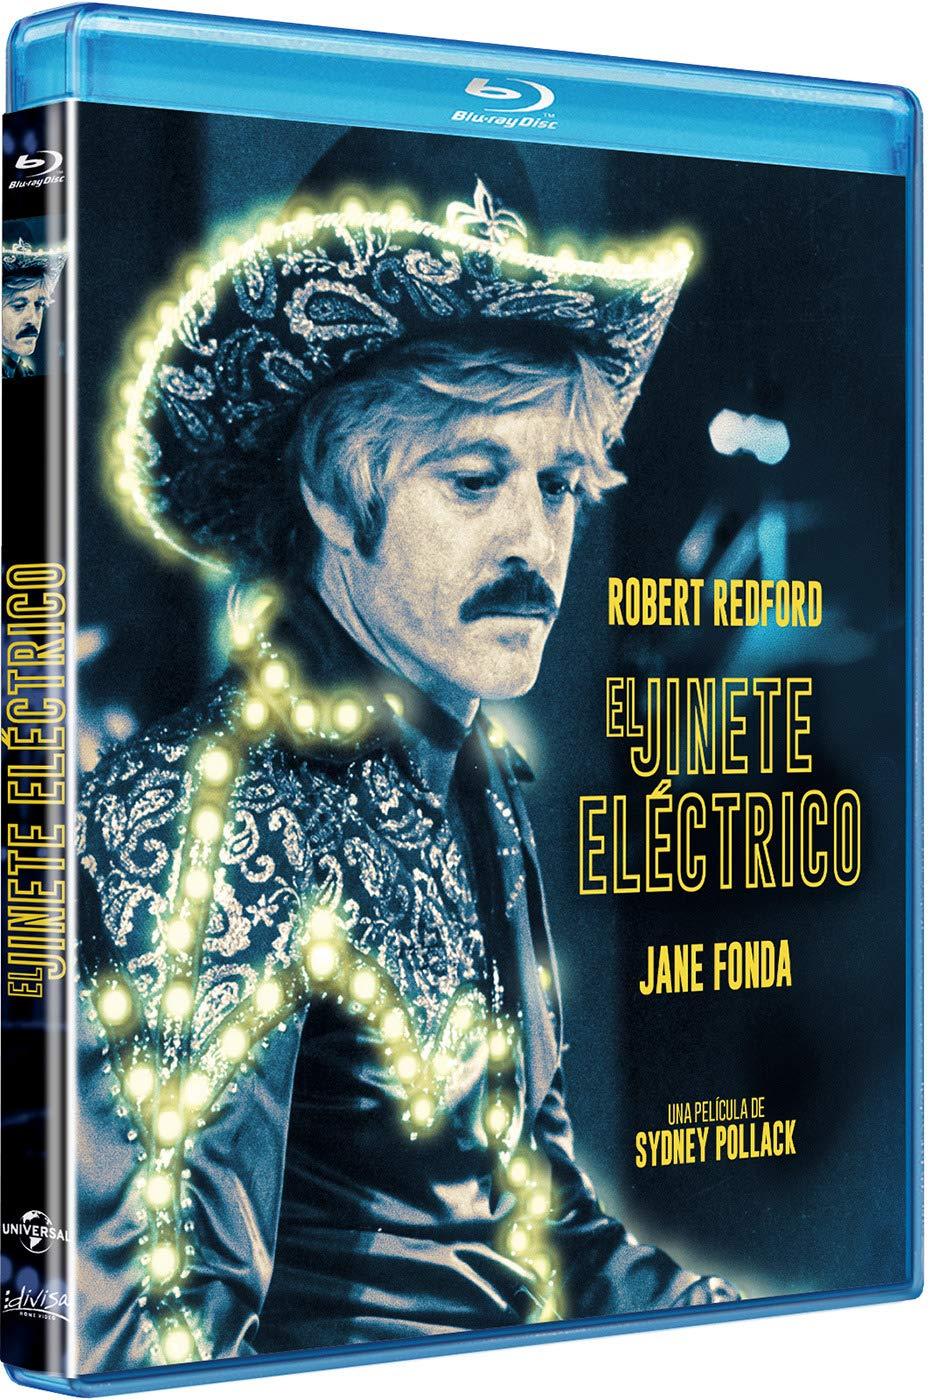 El Jinete Eléctrico [Blu-ray]